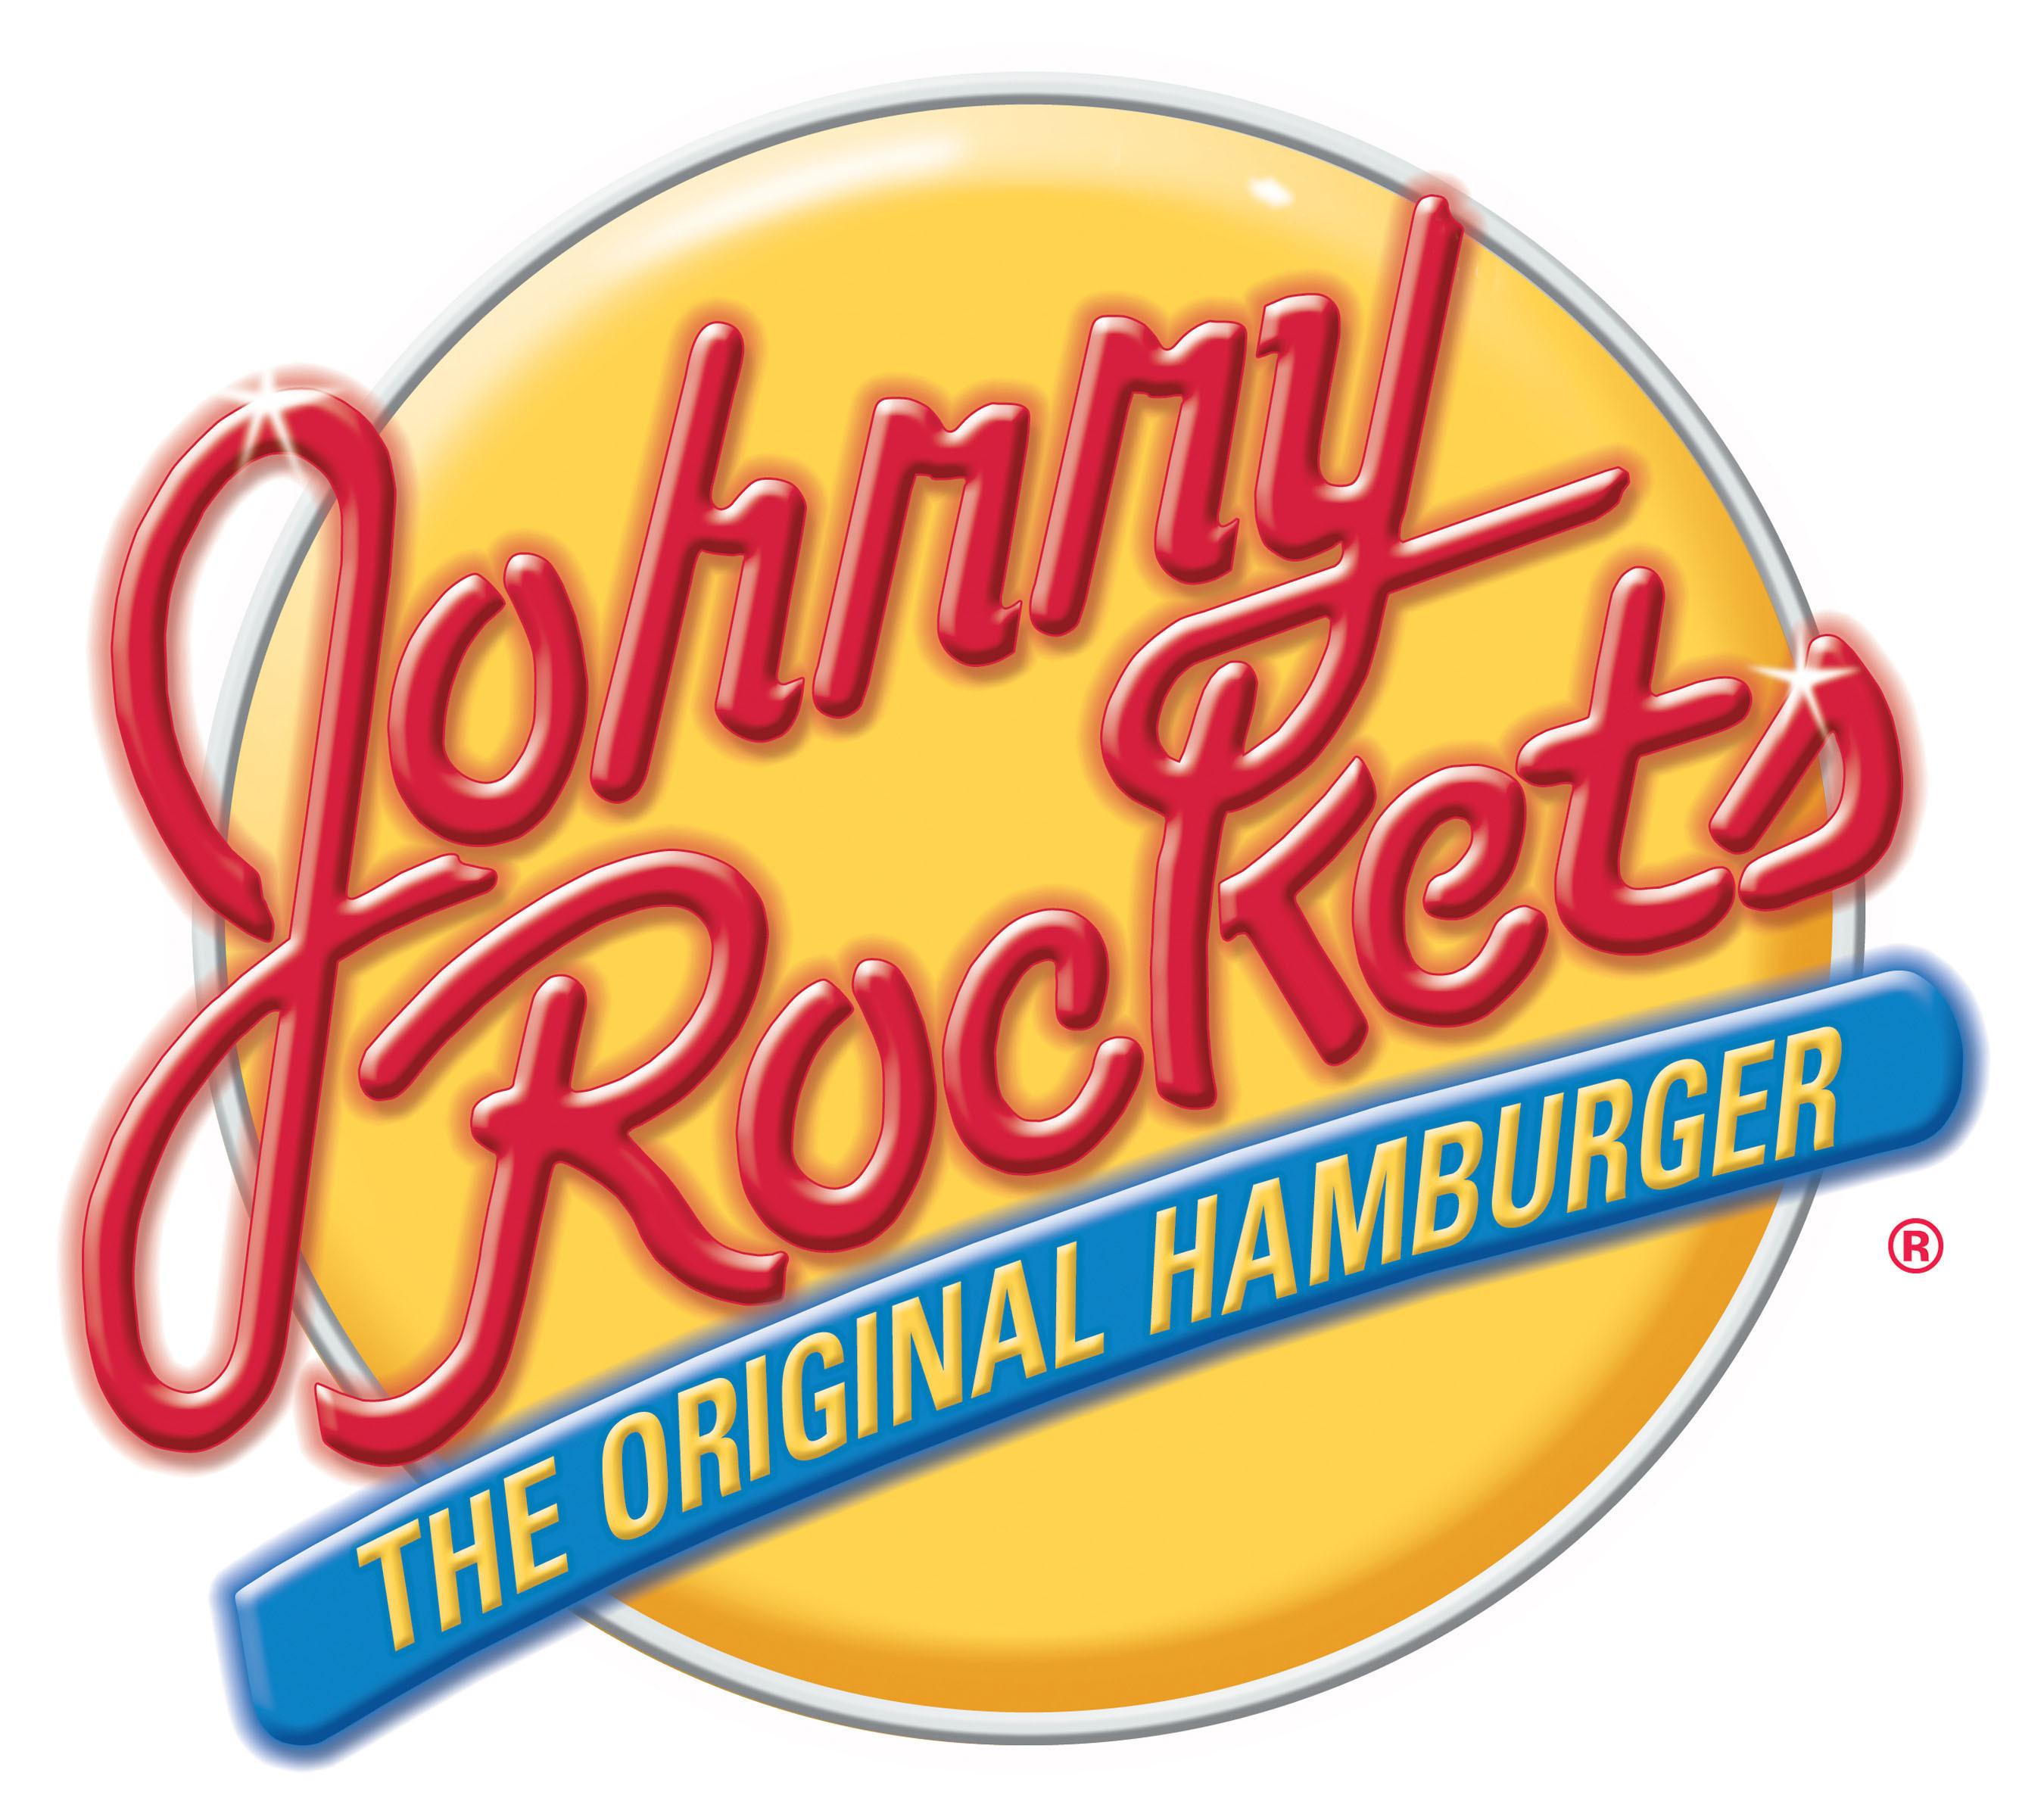 Johnny Rockets Opens New Restaurant In Riyadh, Saudi Arabia